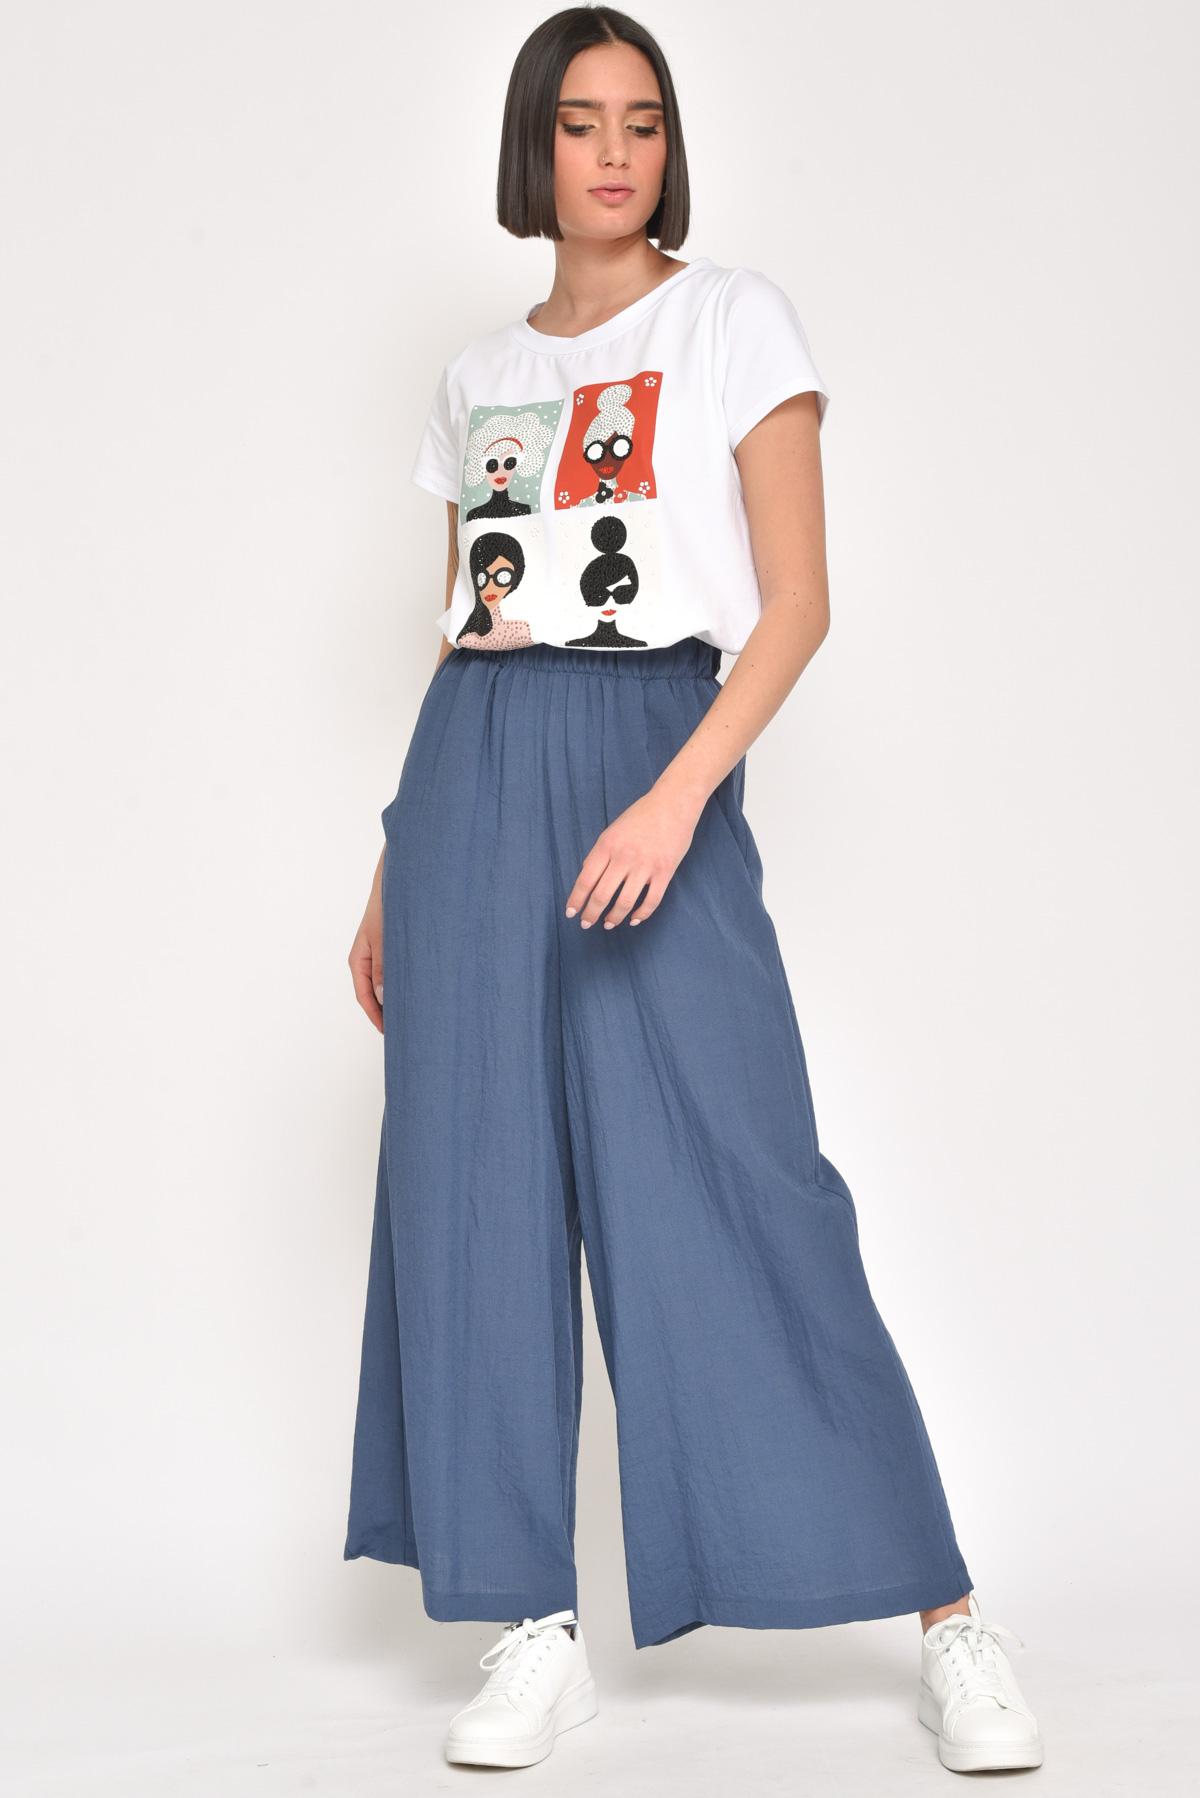 """T-SHIRT """"4 FIGURE"""" IN COTONE CON STRASS for women - WHITE/BLACK - Paquito Pronto Moda Shop Online"""